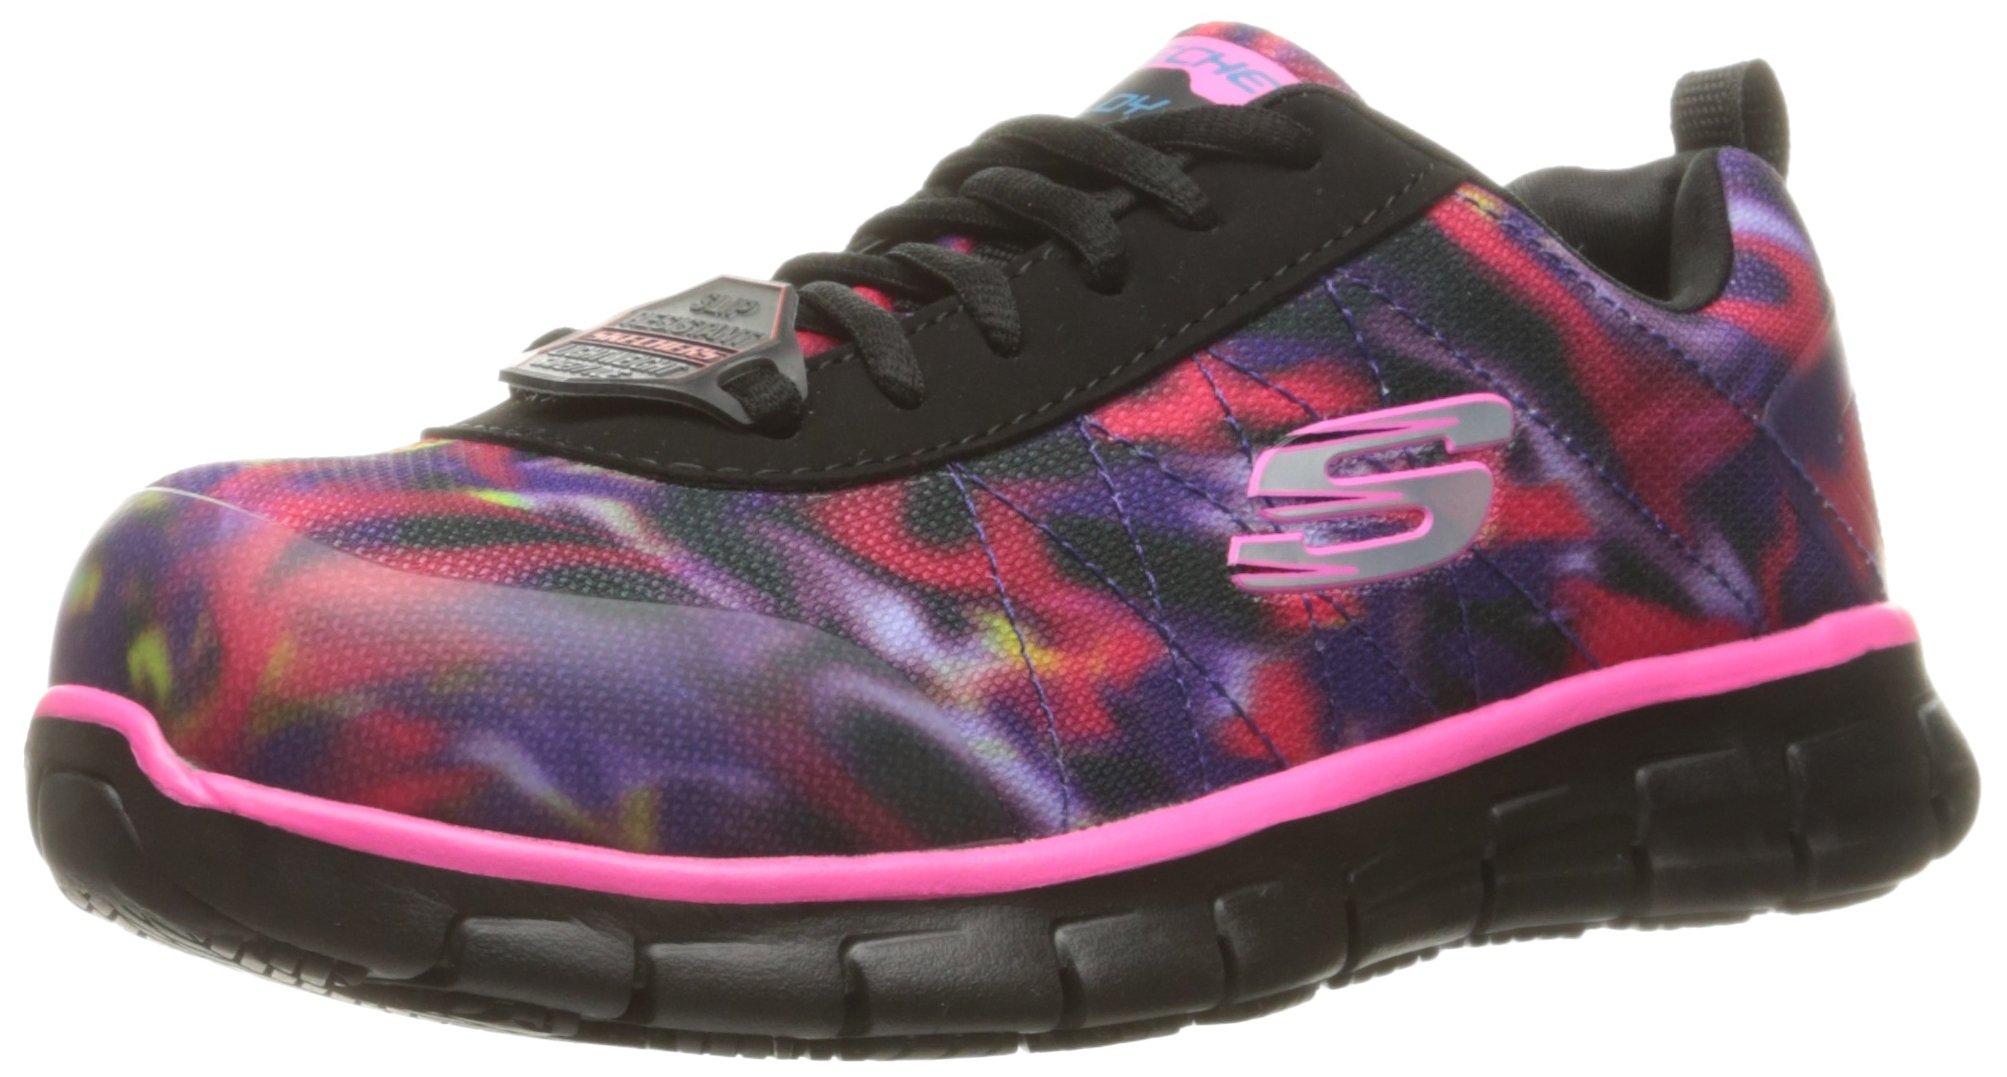 Skechers Work Women's Synergy Arrey Shoe, Black/Pink/Multi, 9 M US